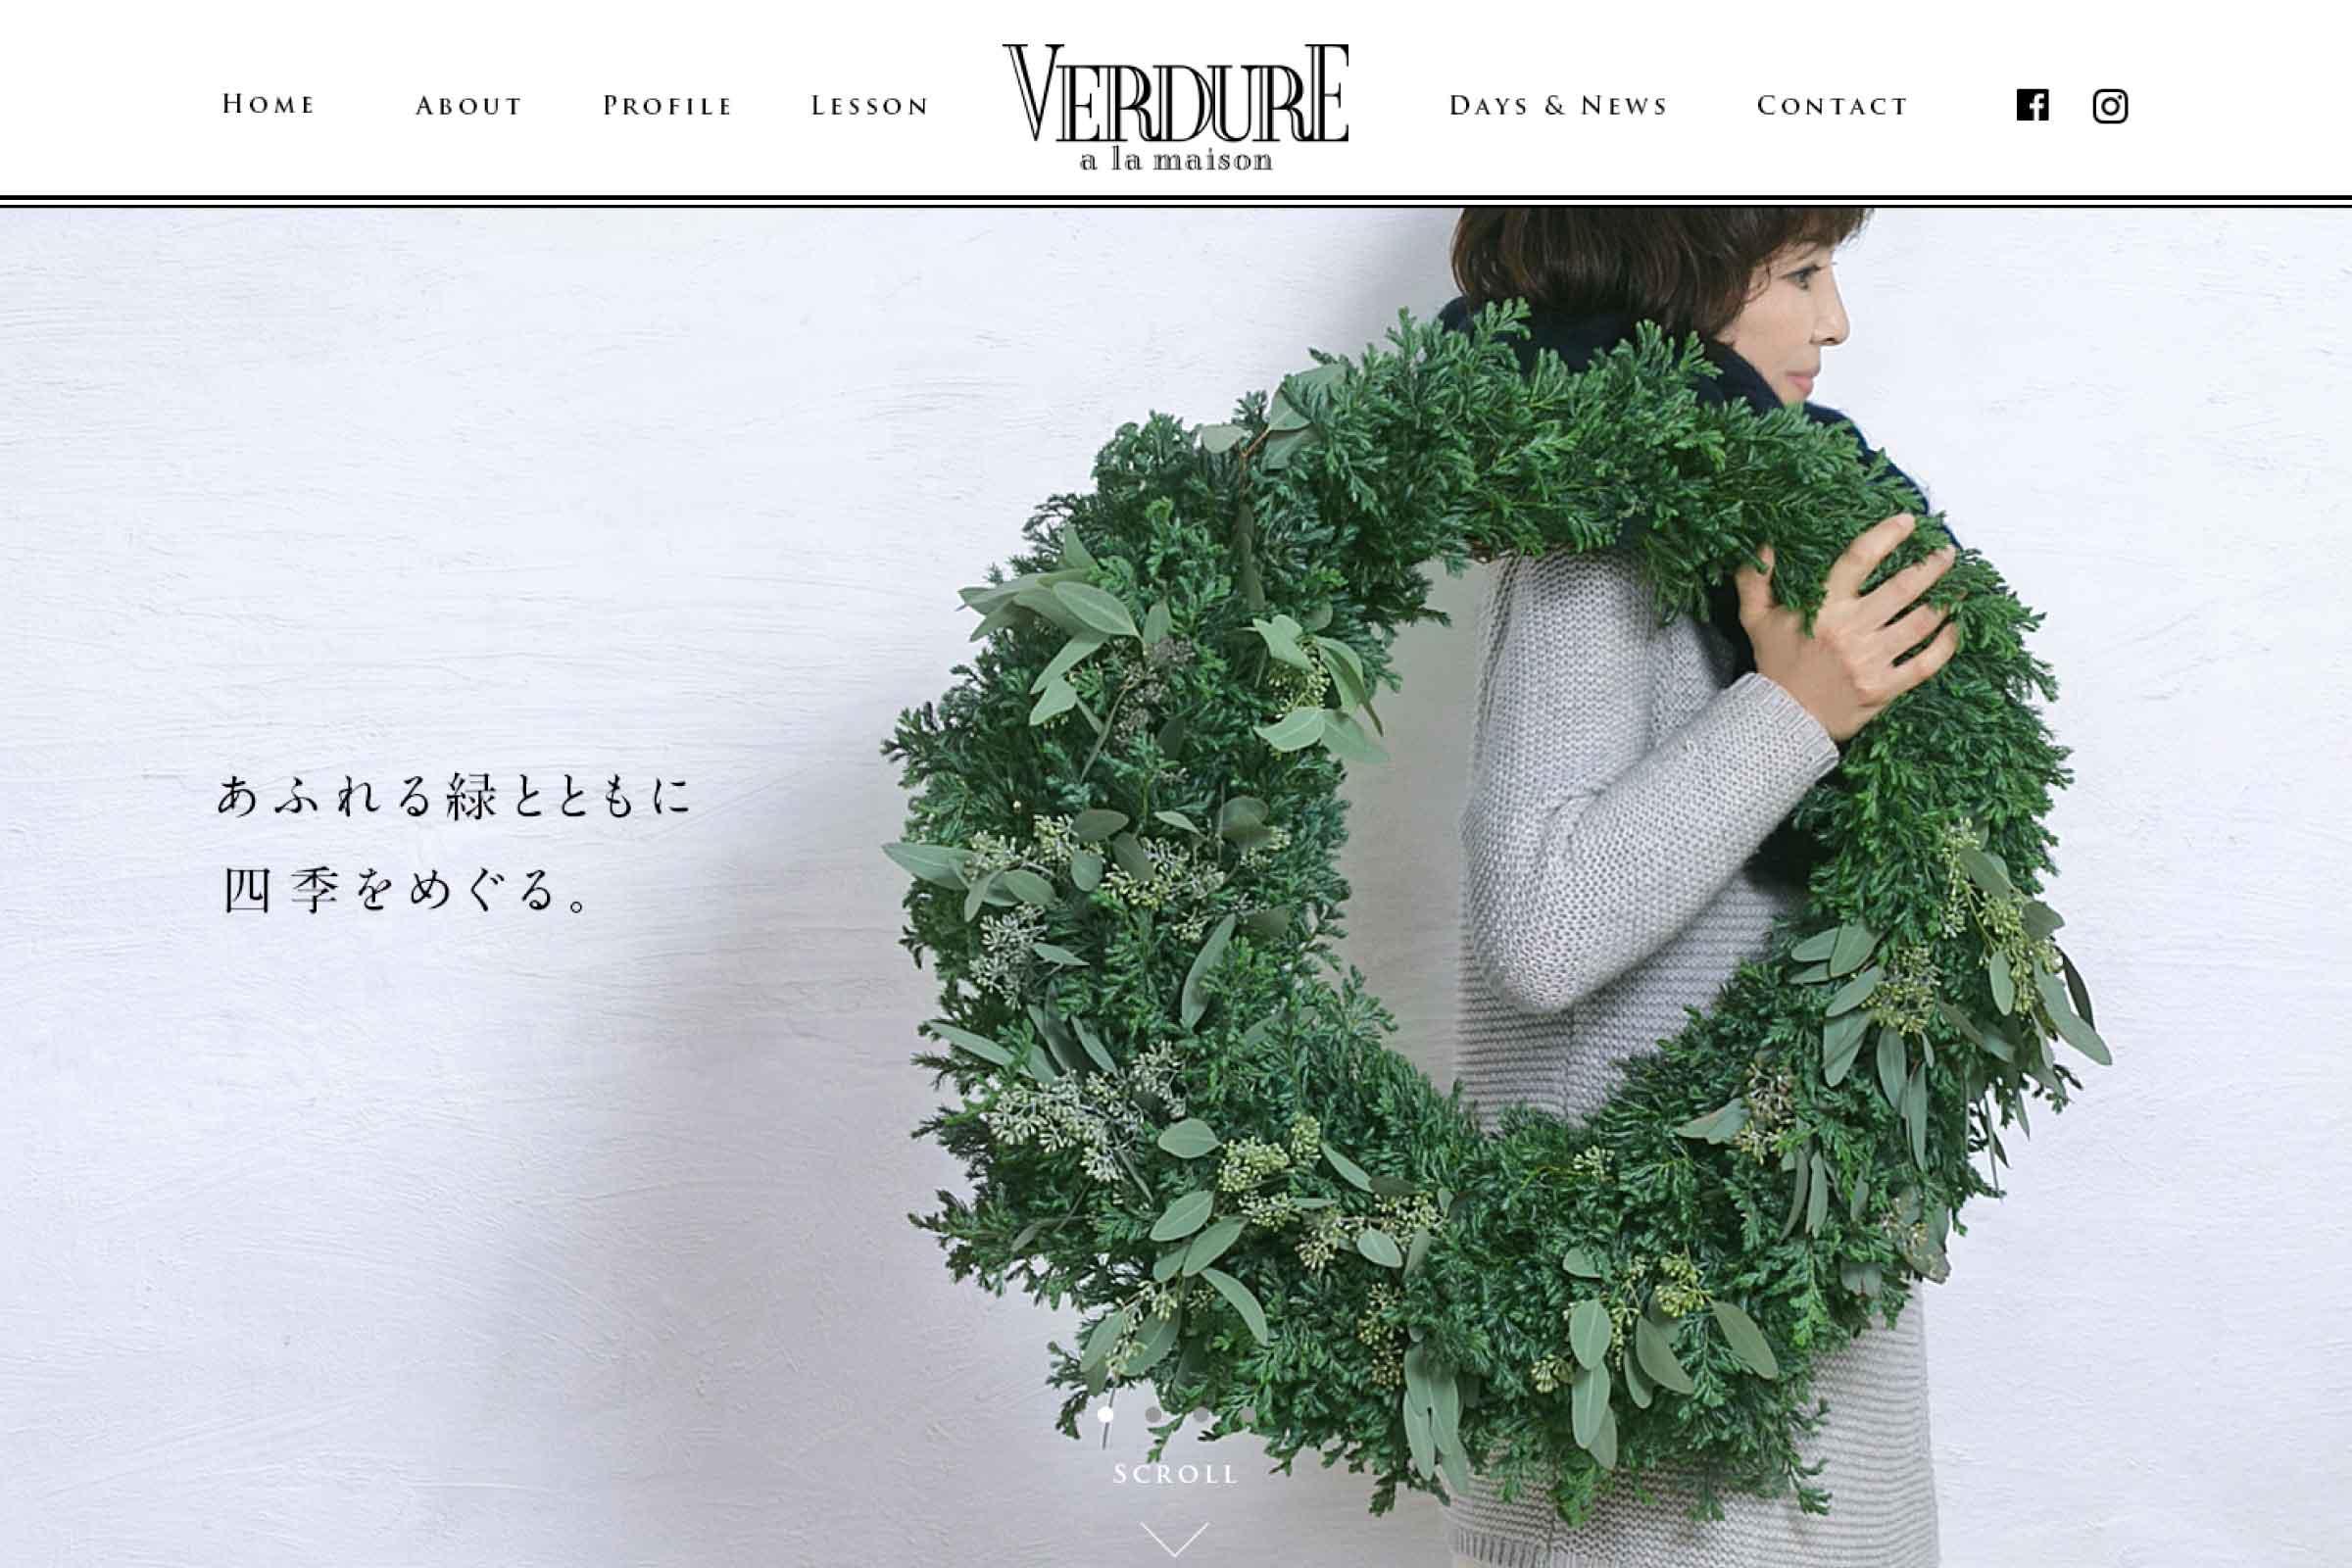 VERDURE a la maison (ヴェルデュール) 総合案内・ブログ トップビジュアル イメージ3